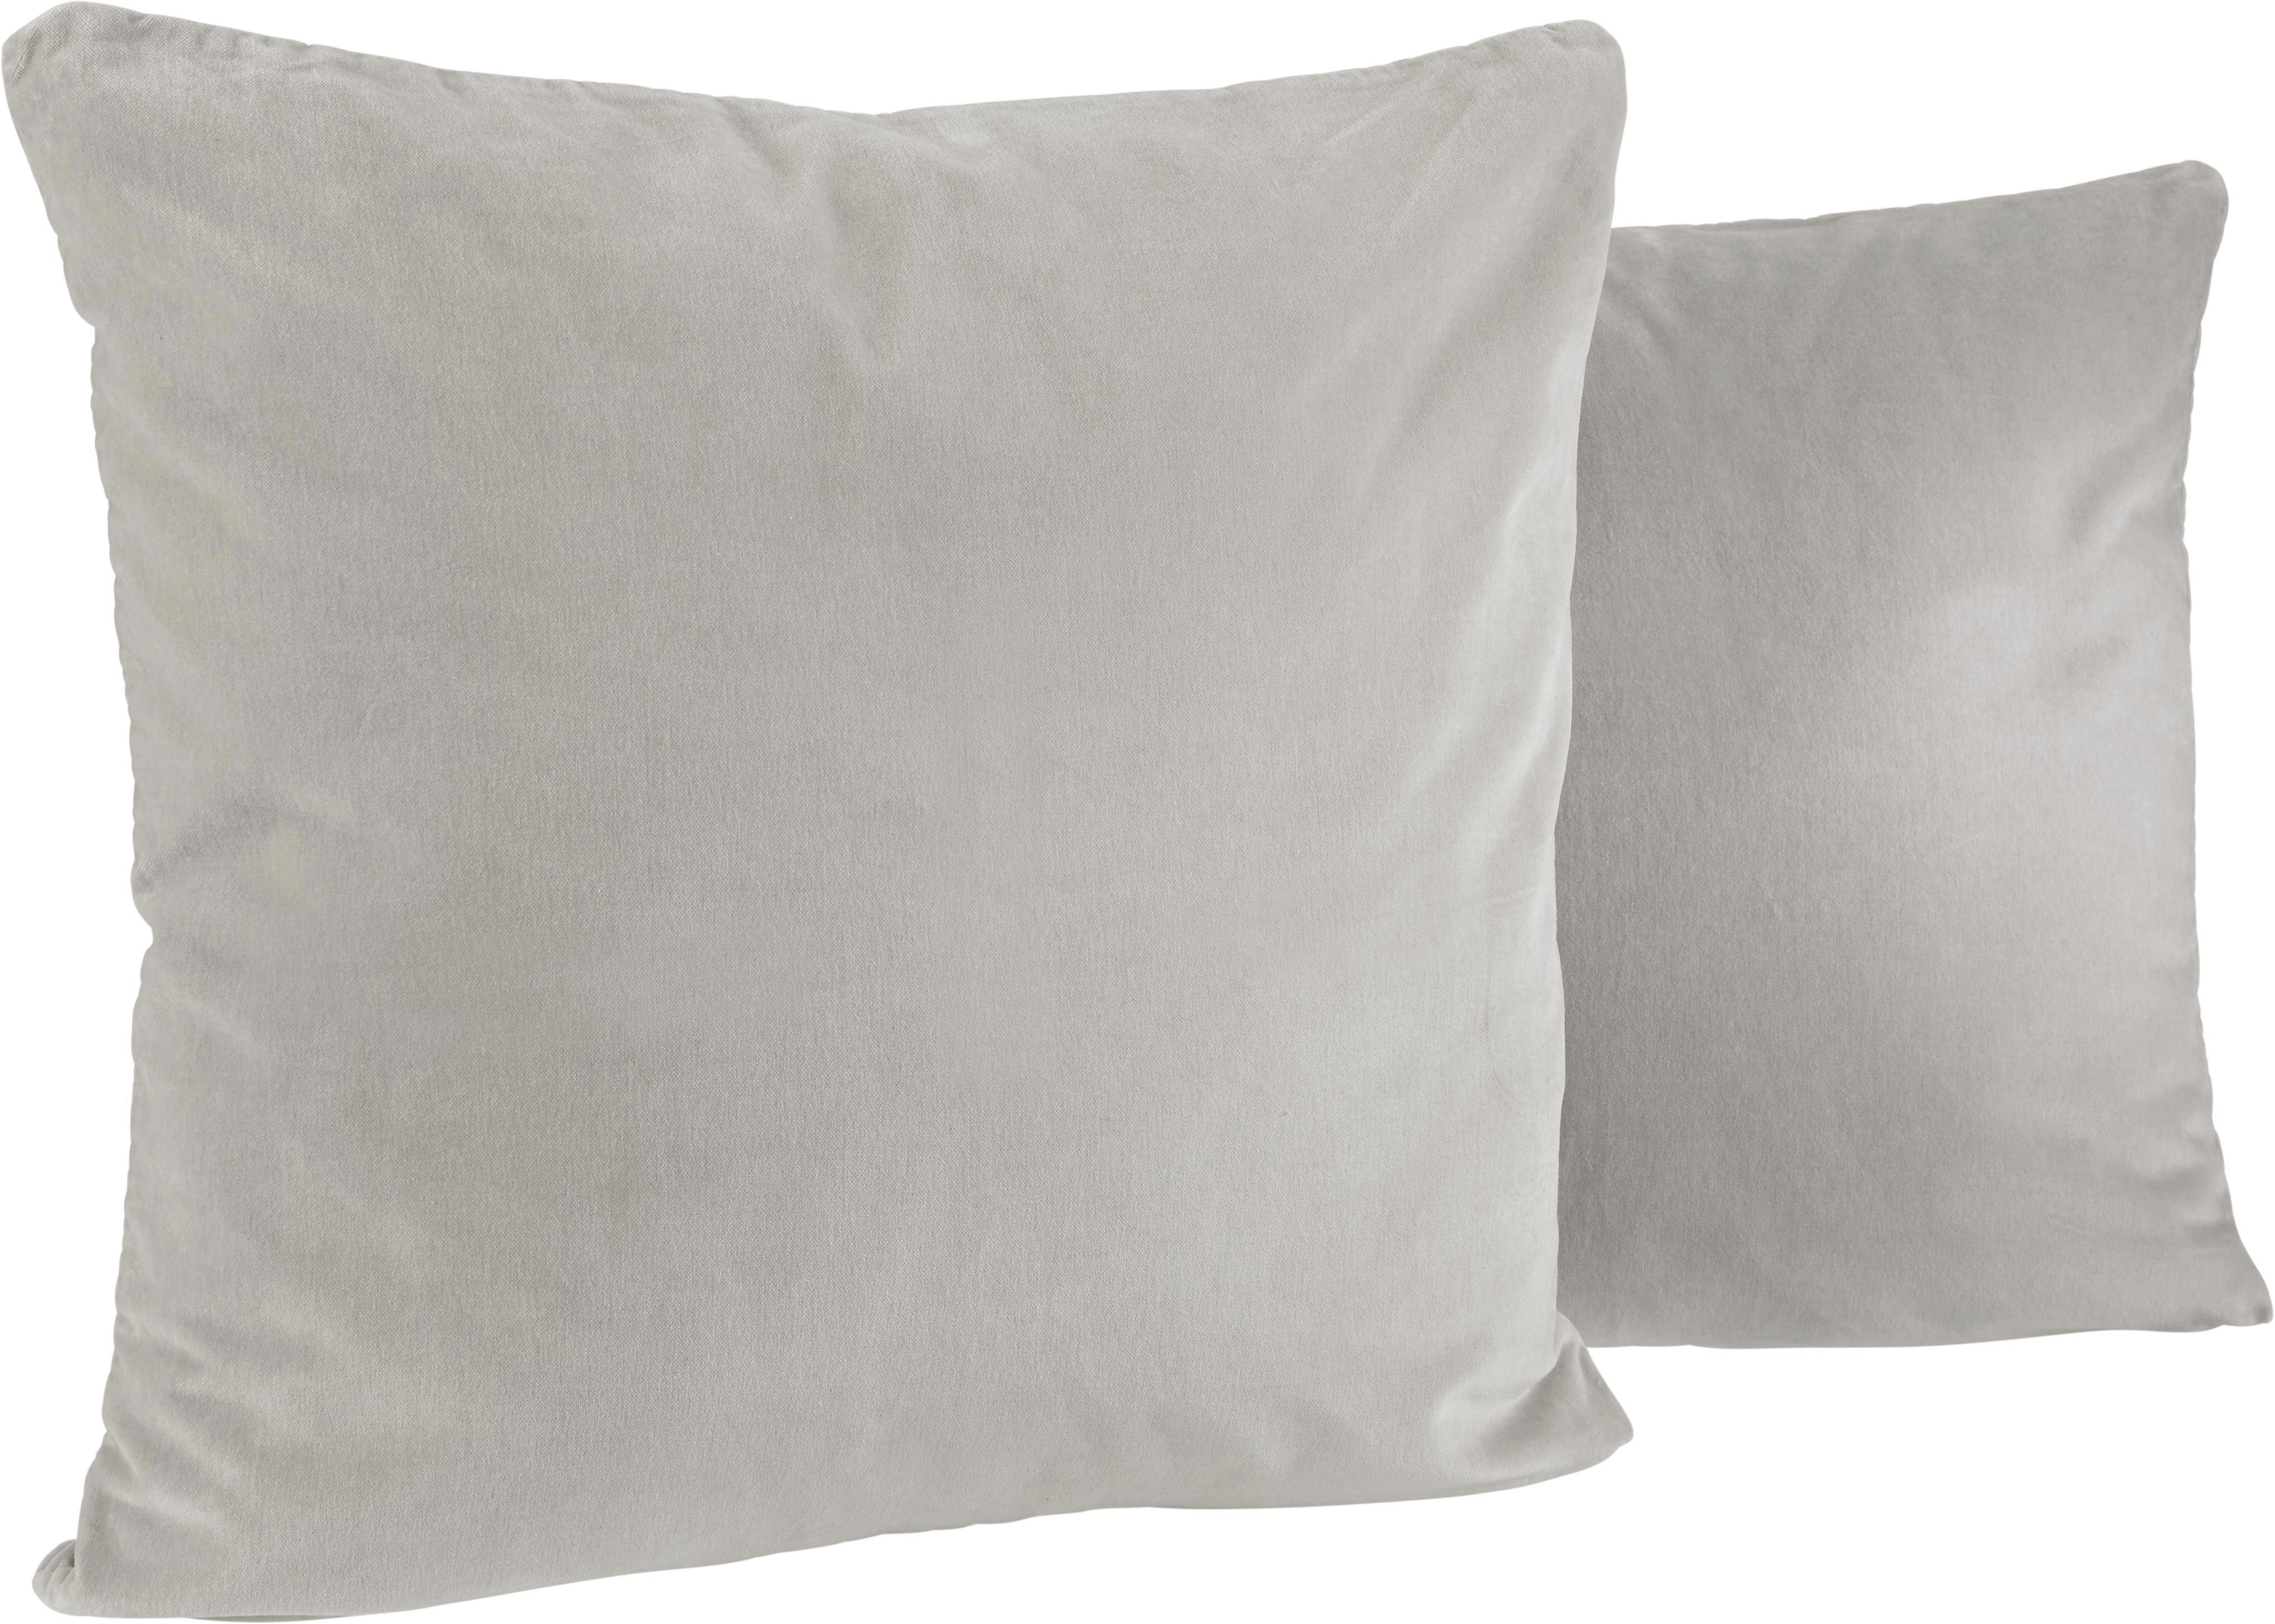 Samt Zierkissen Sonja 50x50cm - Hellgrau, KONVENTIONELL, Textil (50/50cm) - MÖMAX modern living